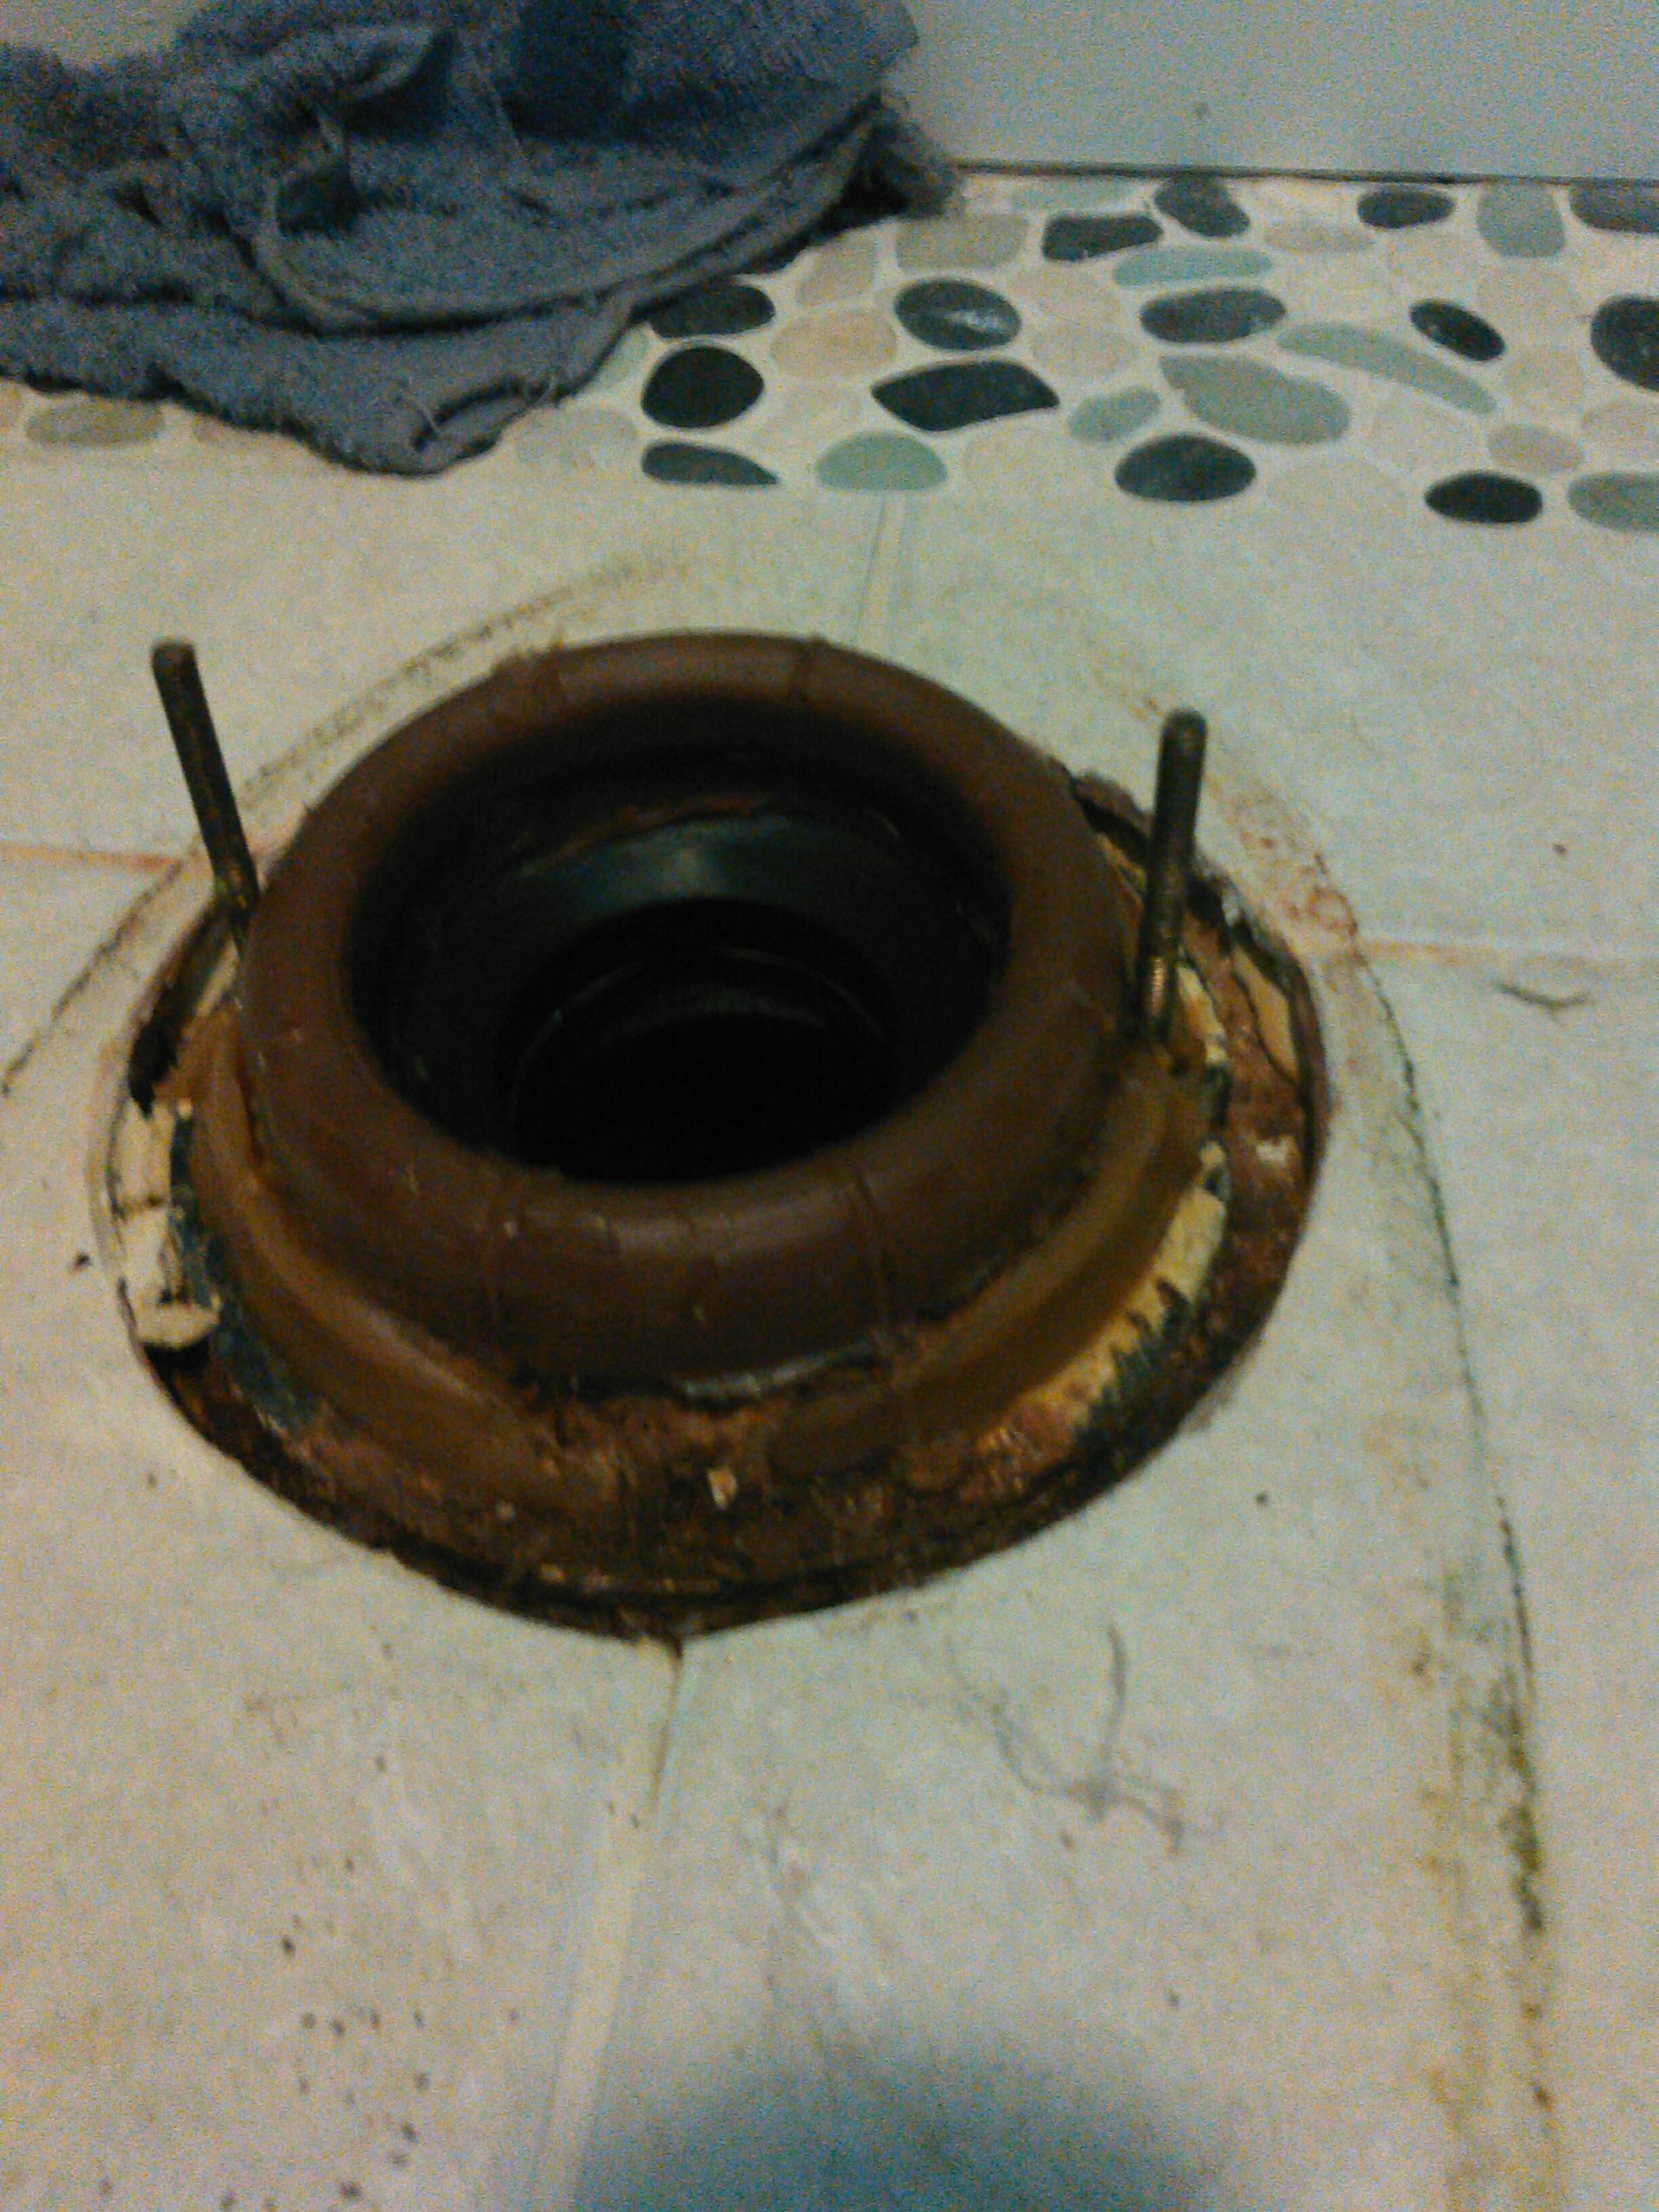 Corona, CA - Toilet wax ring